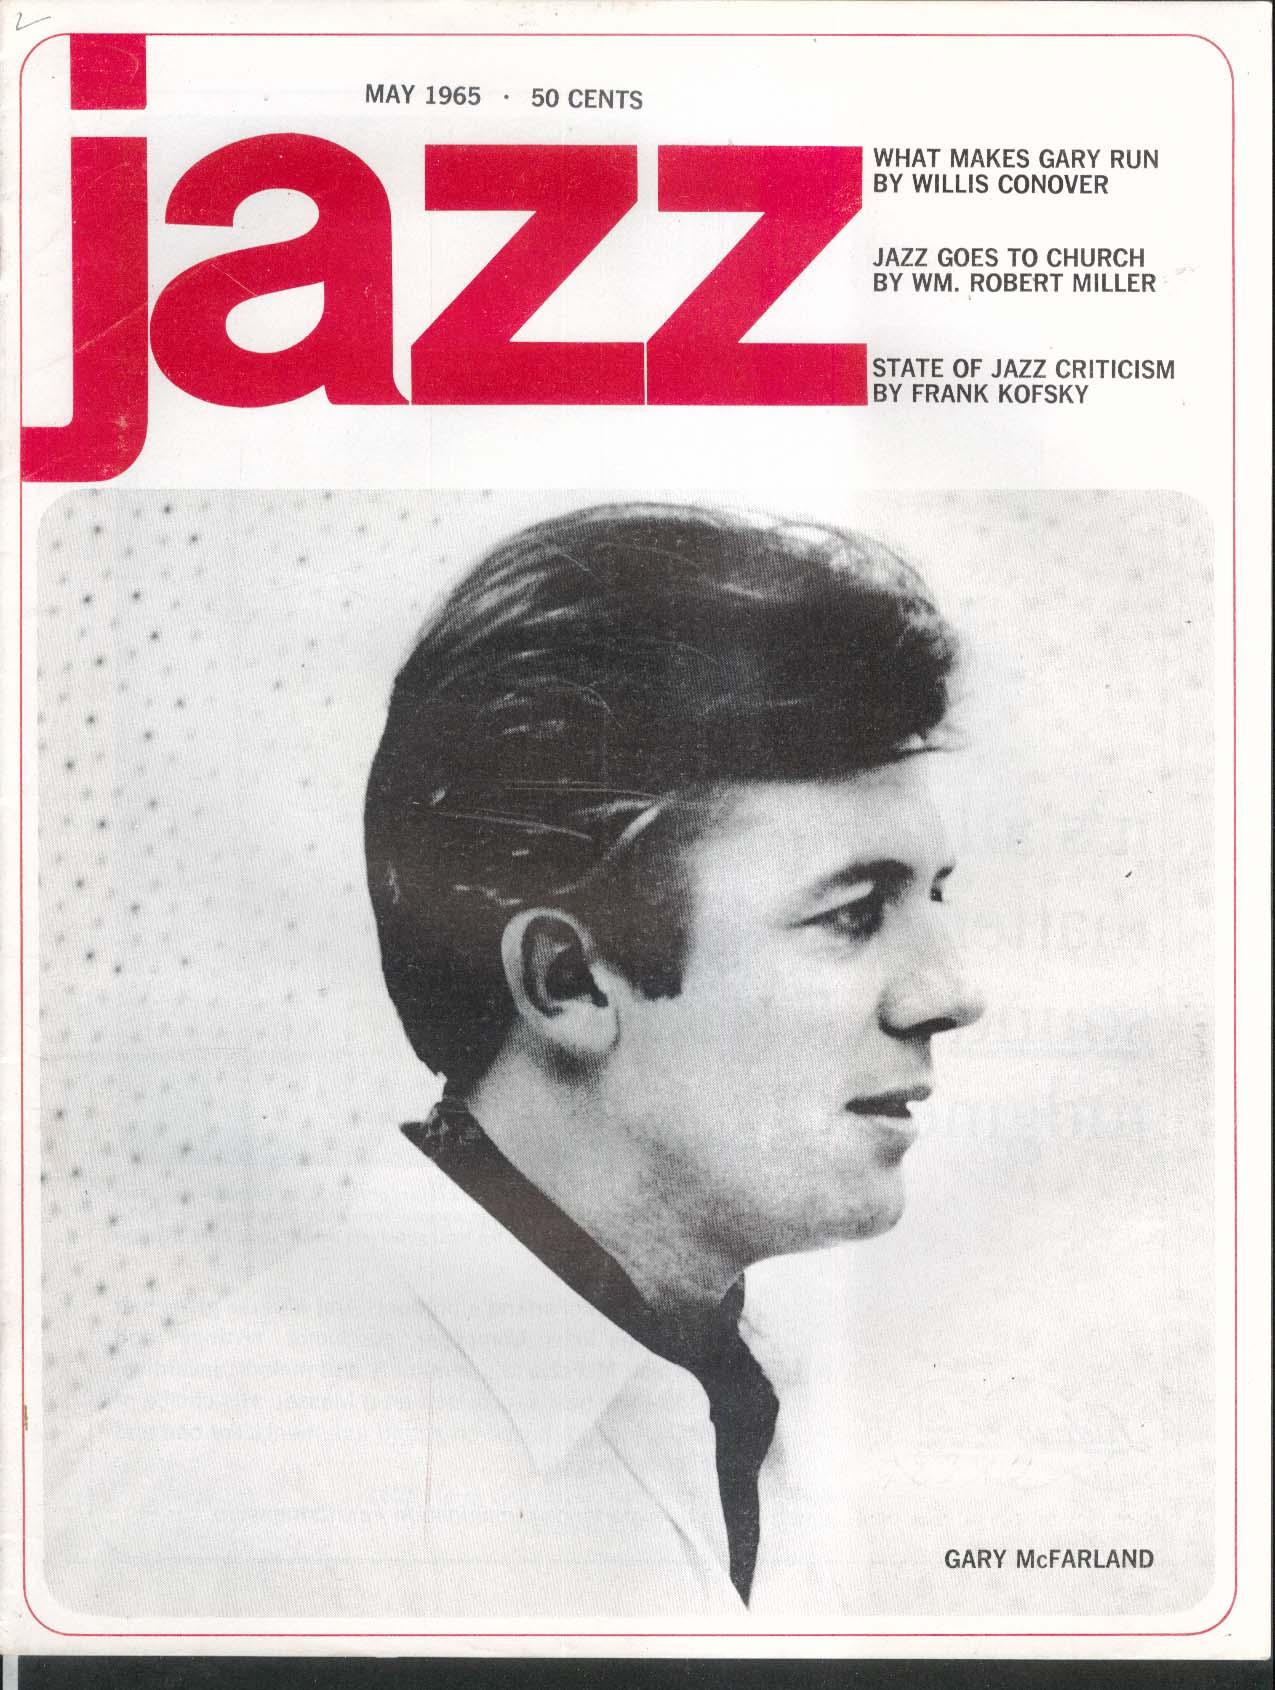 JAZZ Gary McFarland Fats Navarro 5 1965